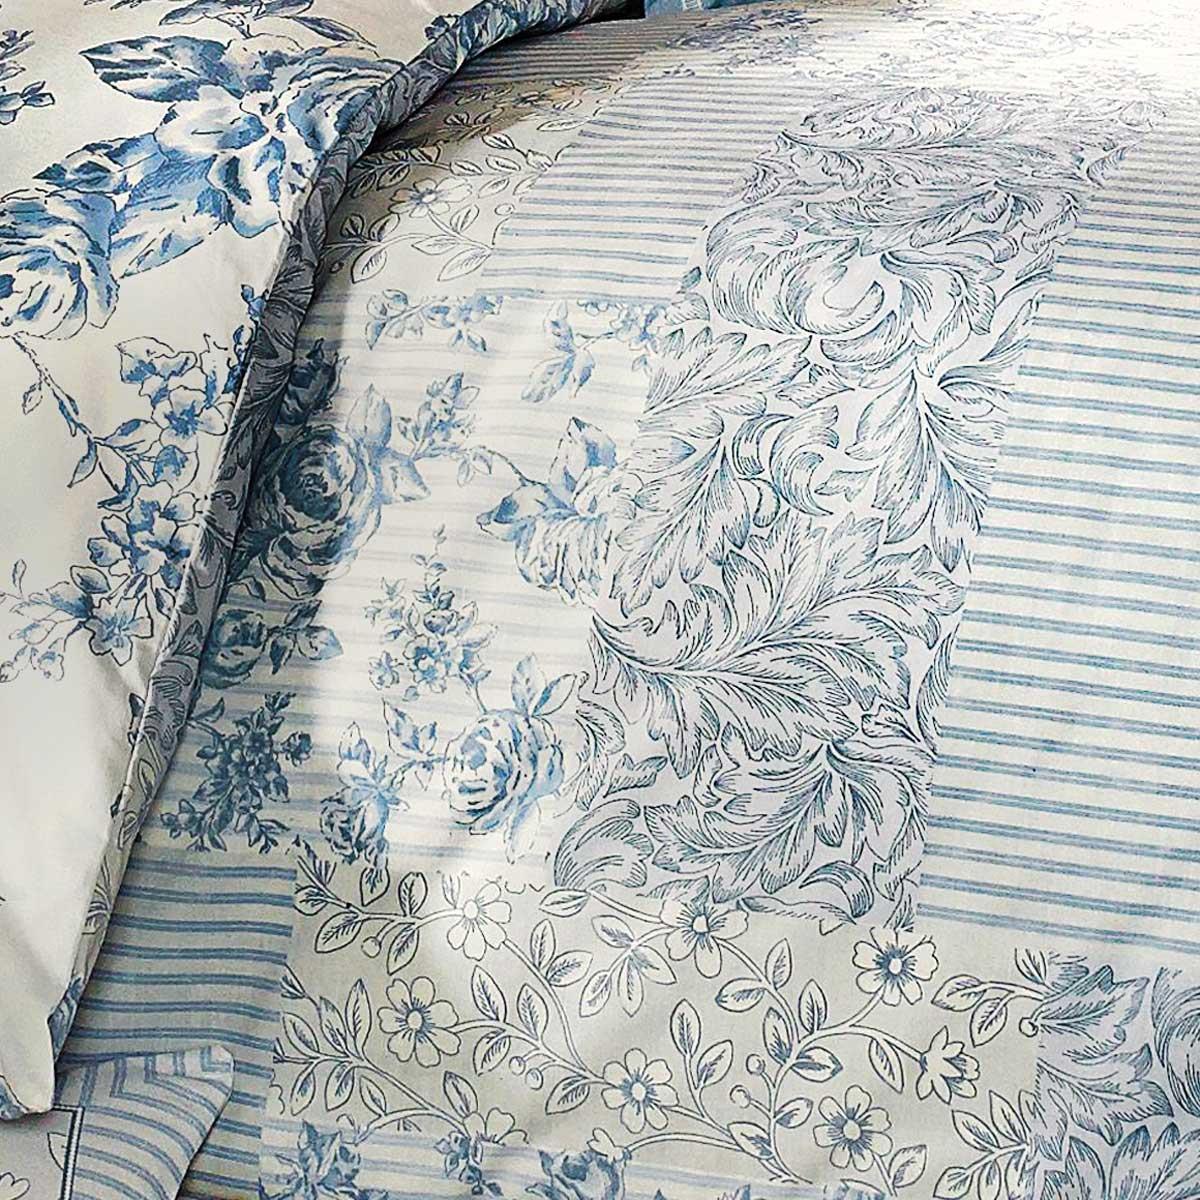 Fundas-de-edredon-azul-con-motivos-florales-Patchwork-Toile-pais-Edredon-Cubierta-de-Lujo-sistemas miniatura 15